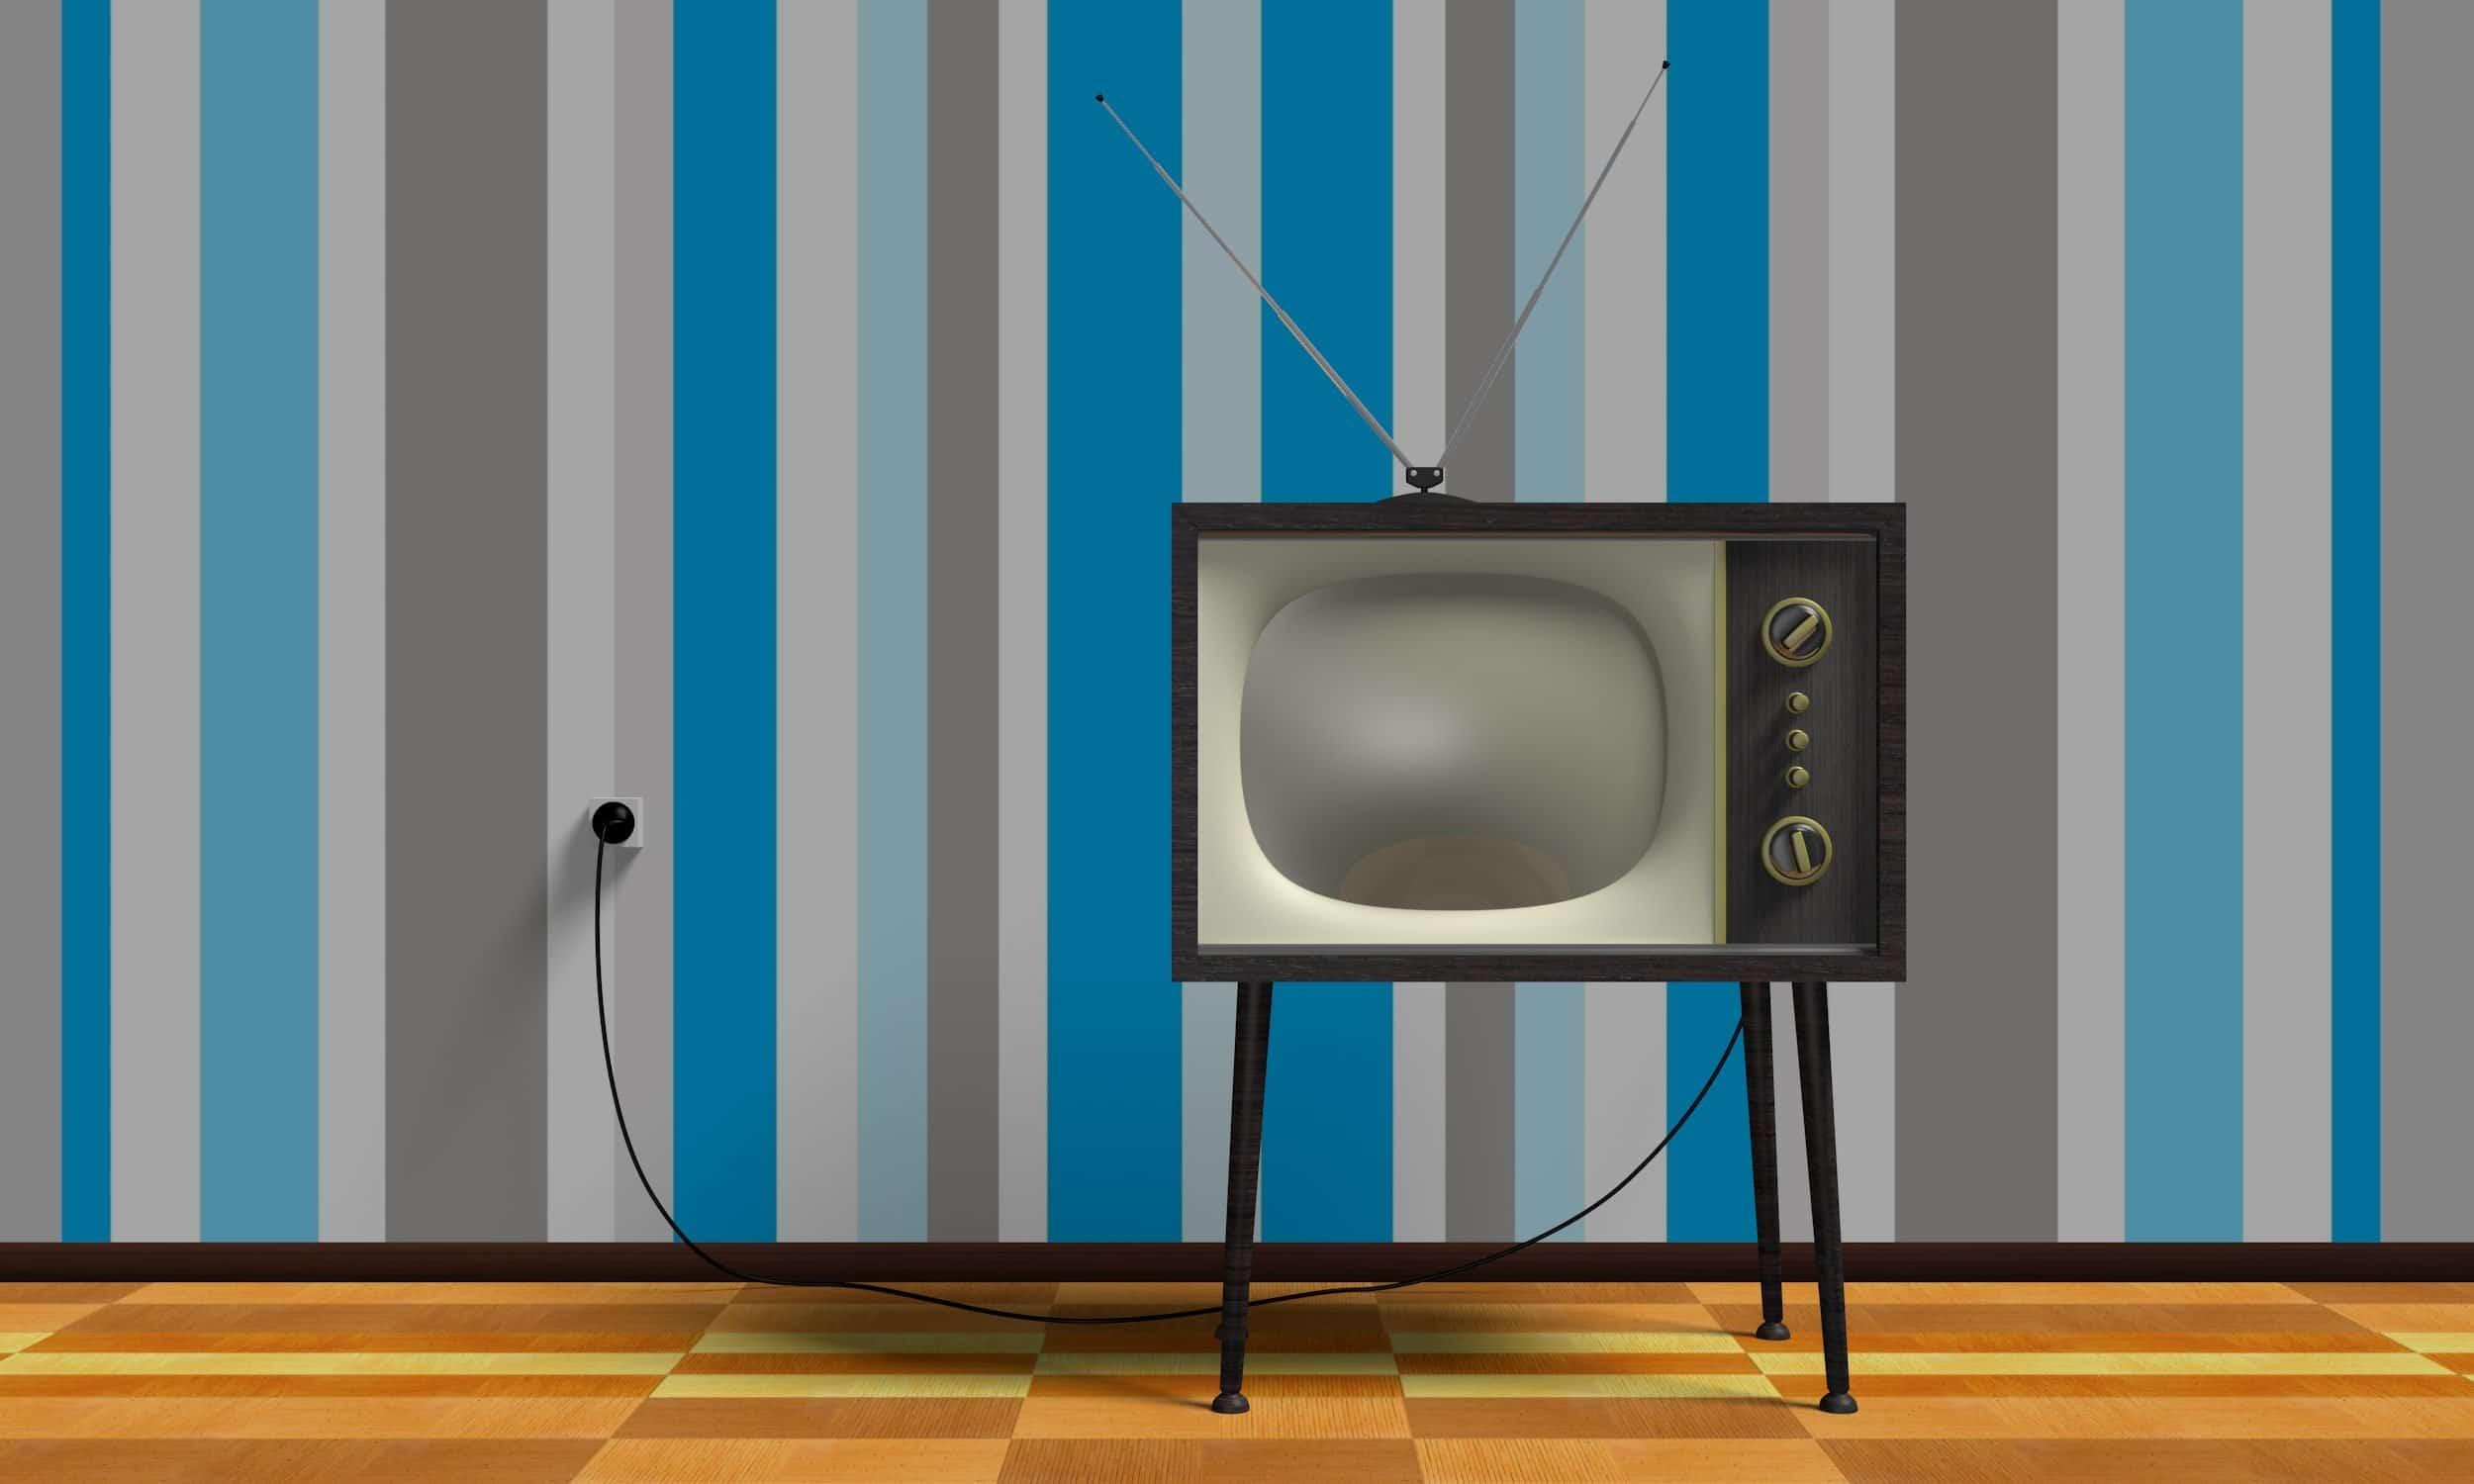 Altes TV-Gerät aus den 1970ern